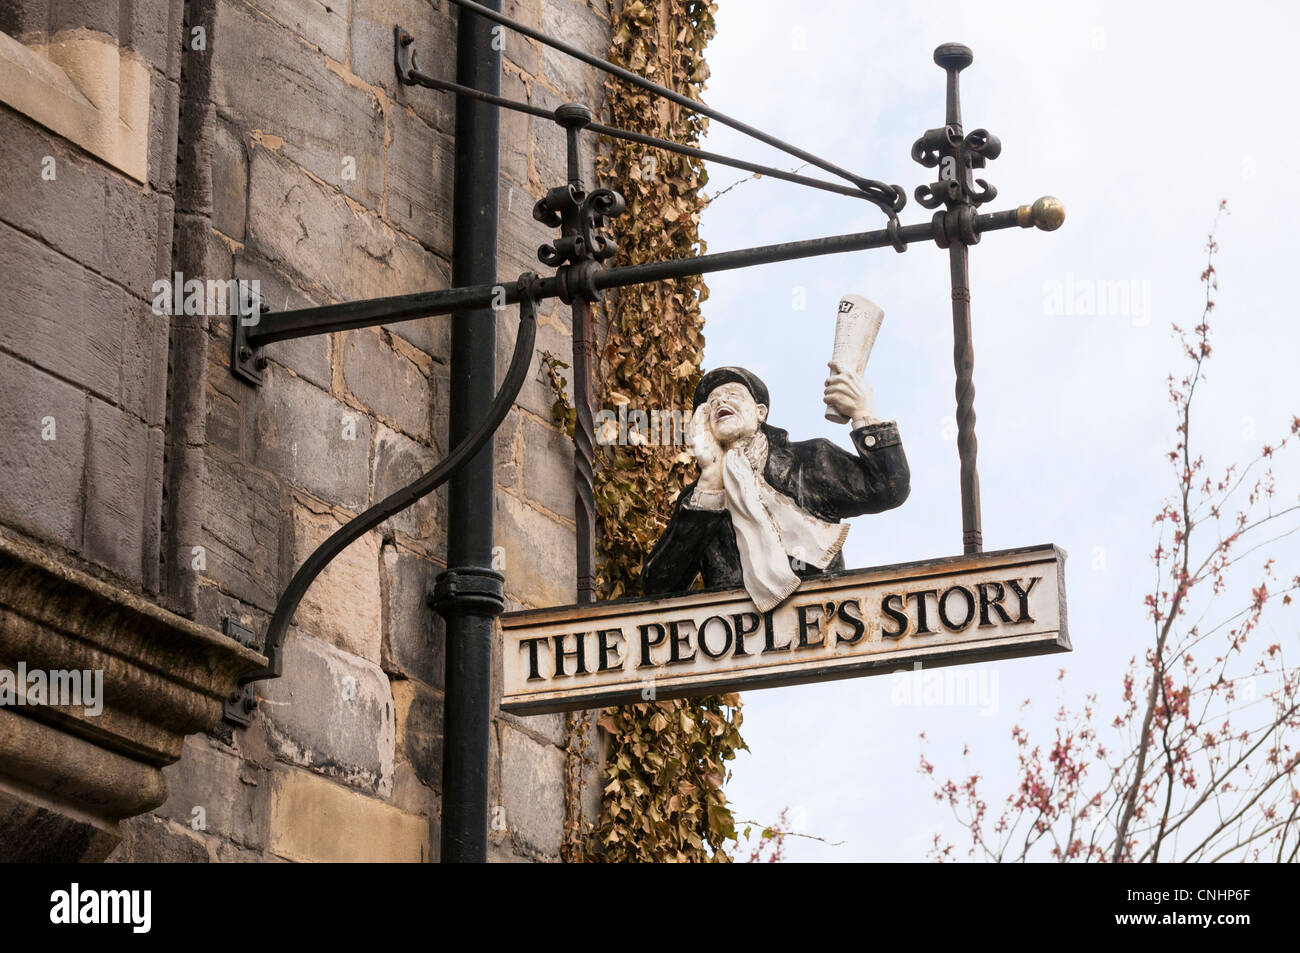 L'histoire du peuple - du Conseil d'Édimbourg Museum. Photo Stock